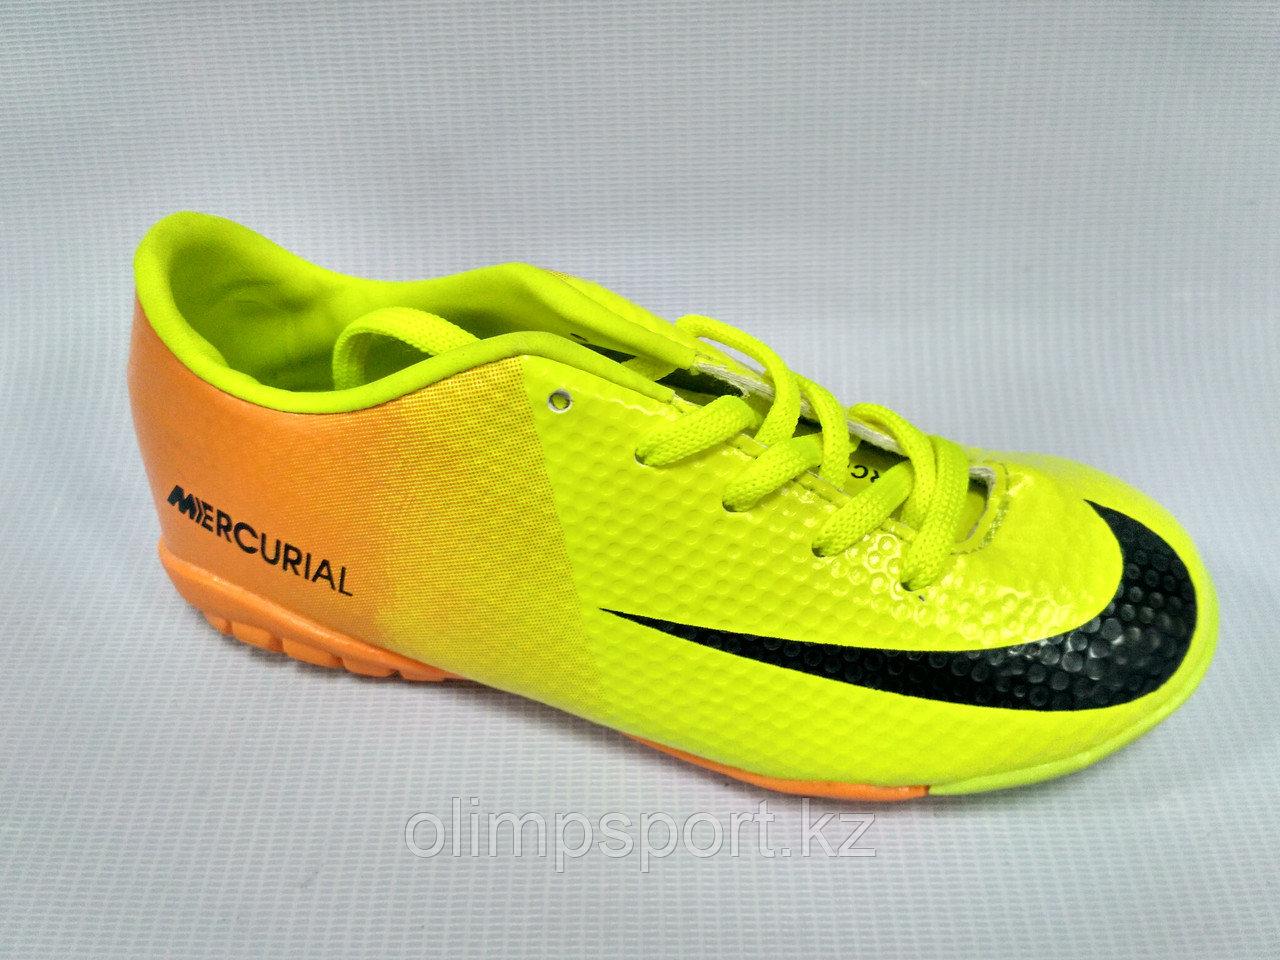 Детские сороконожки  Nike Mercurial